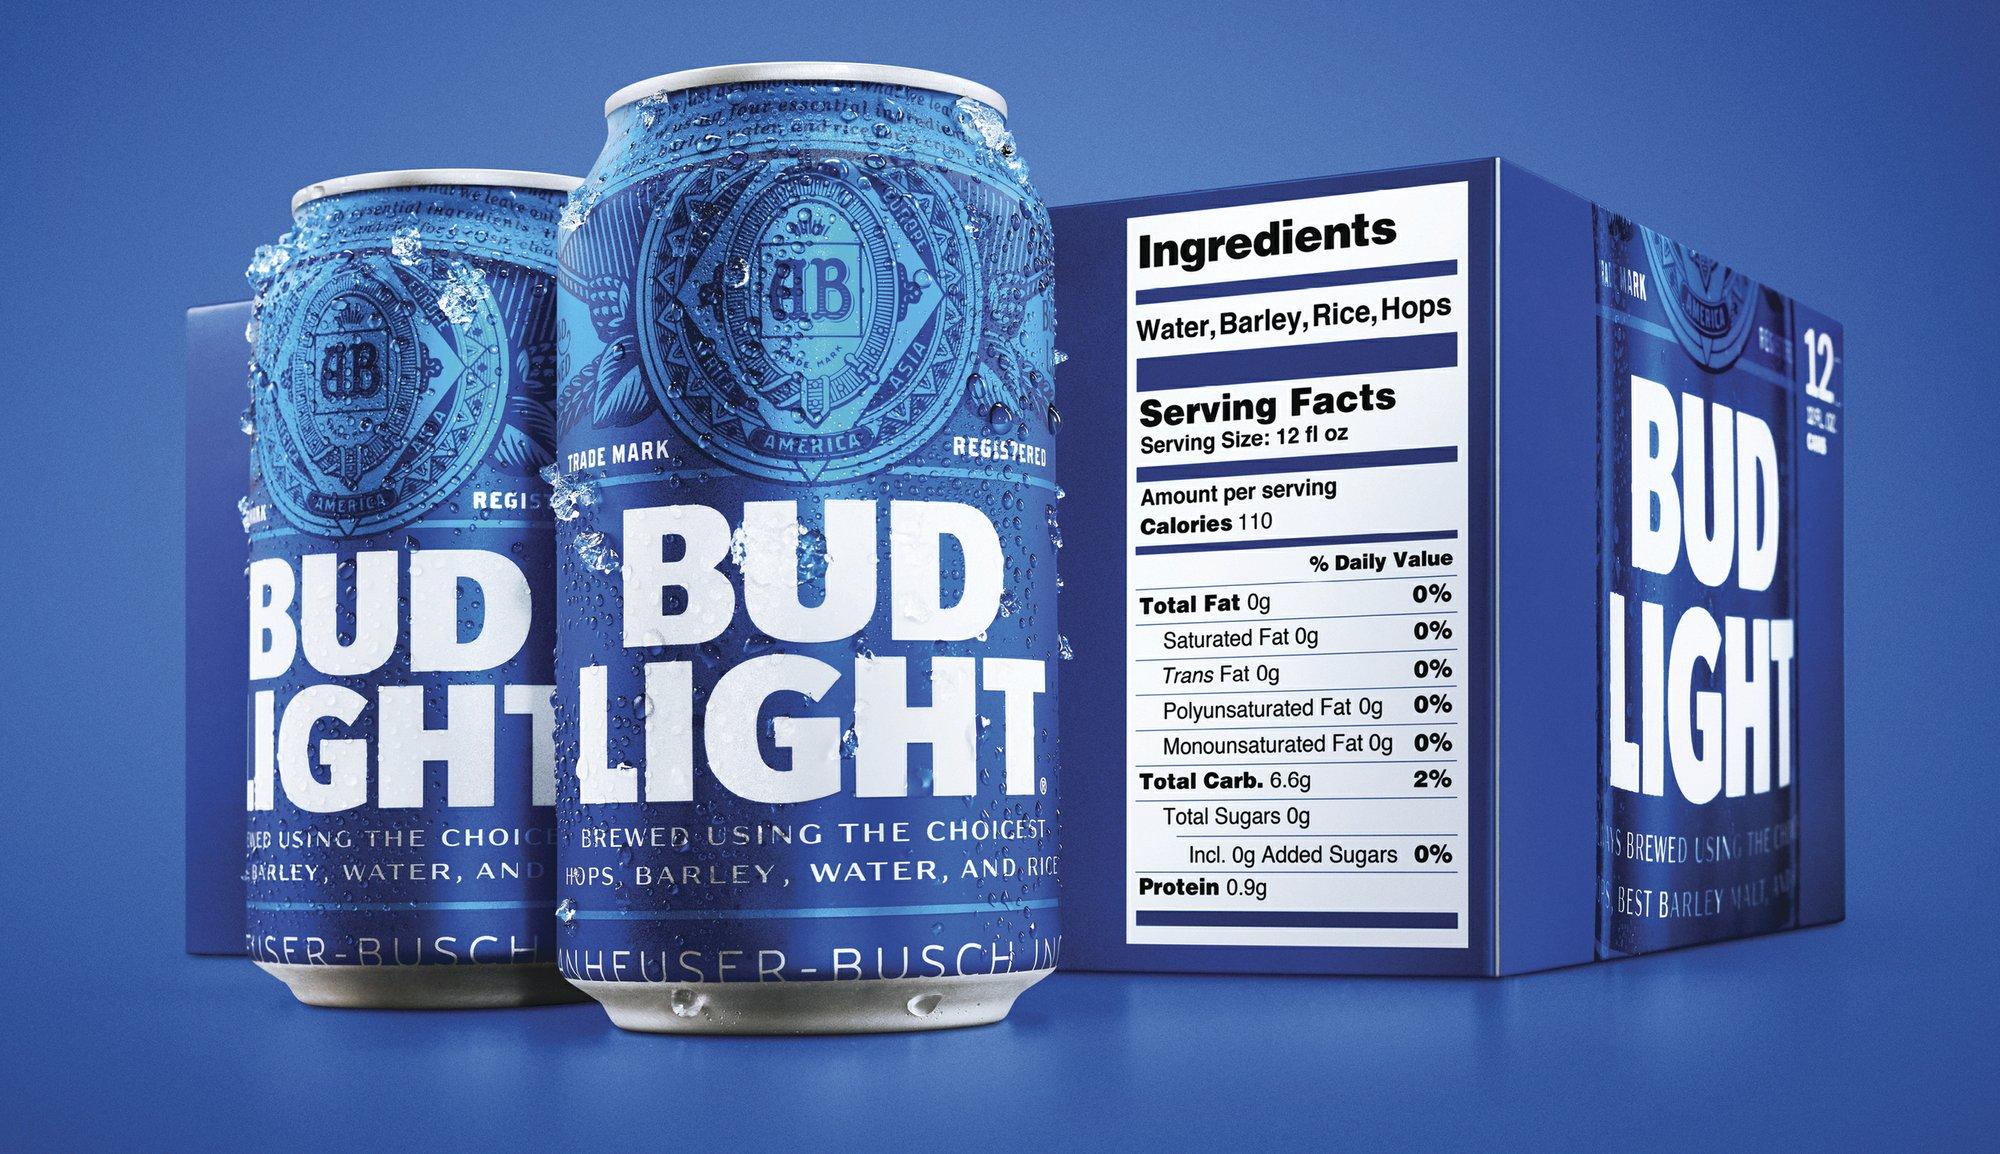 Bud light_1547296950446.jpeg.jpg